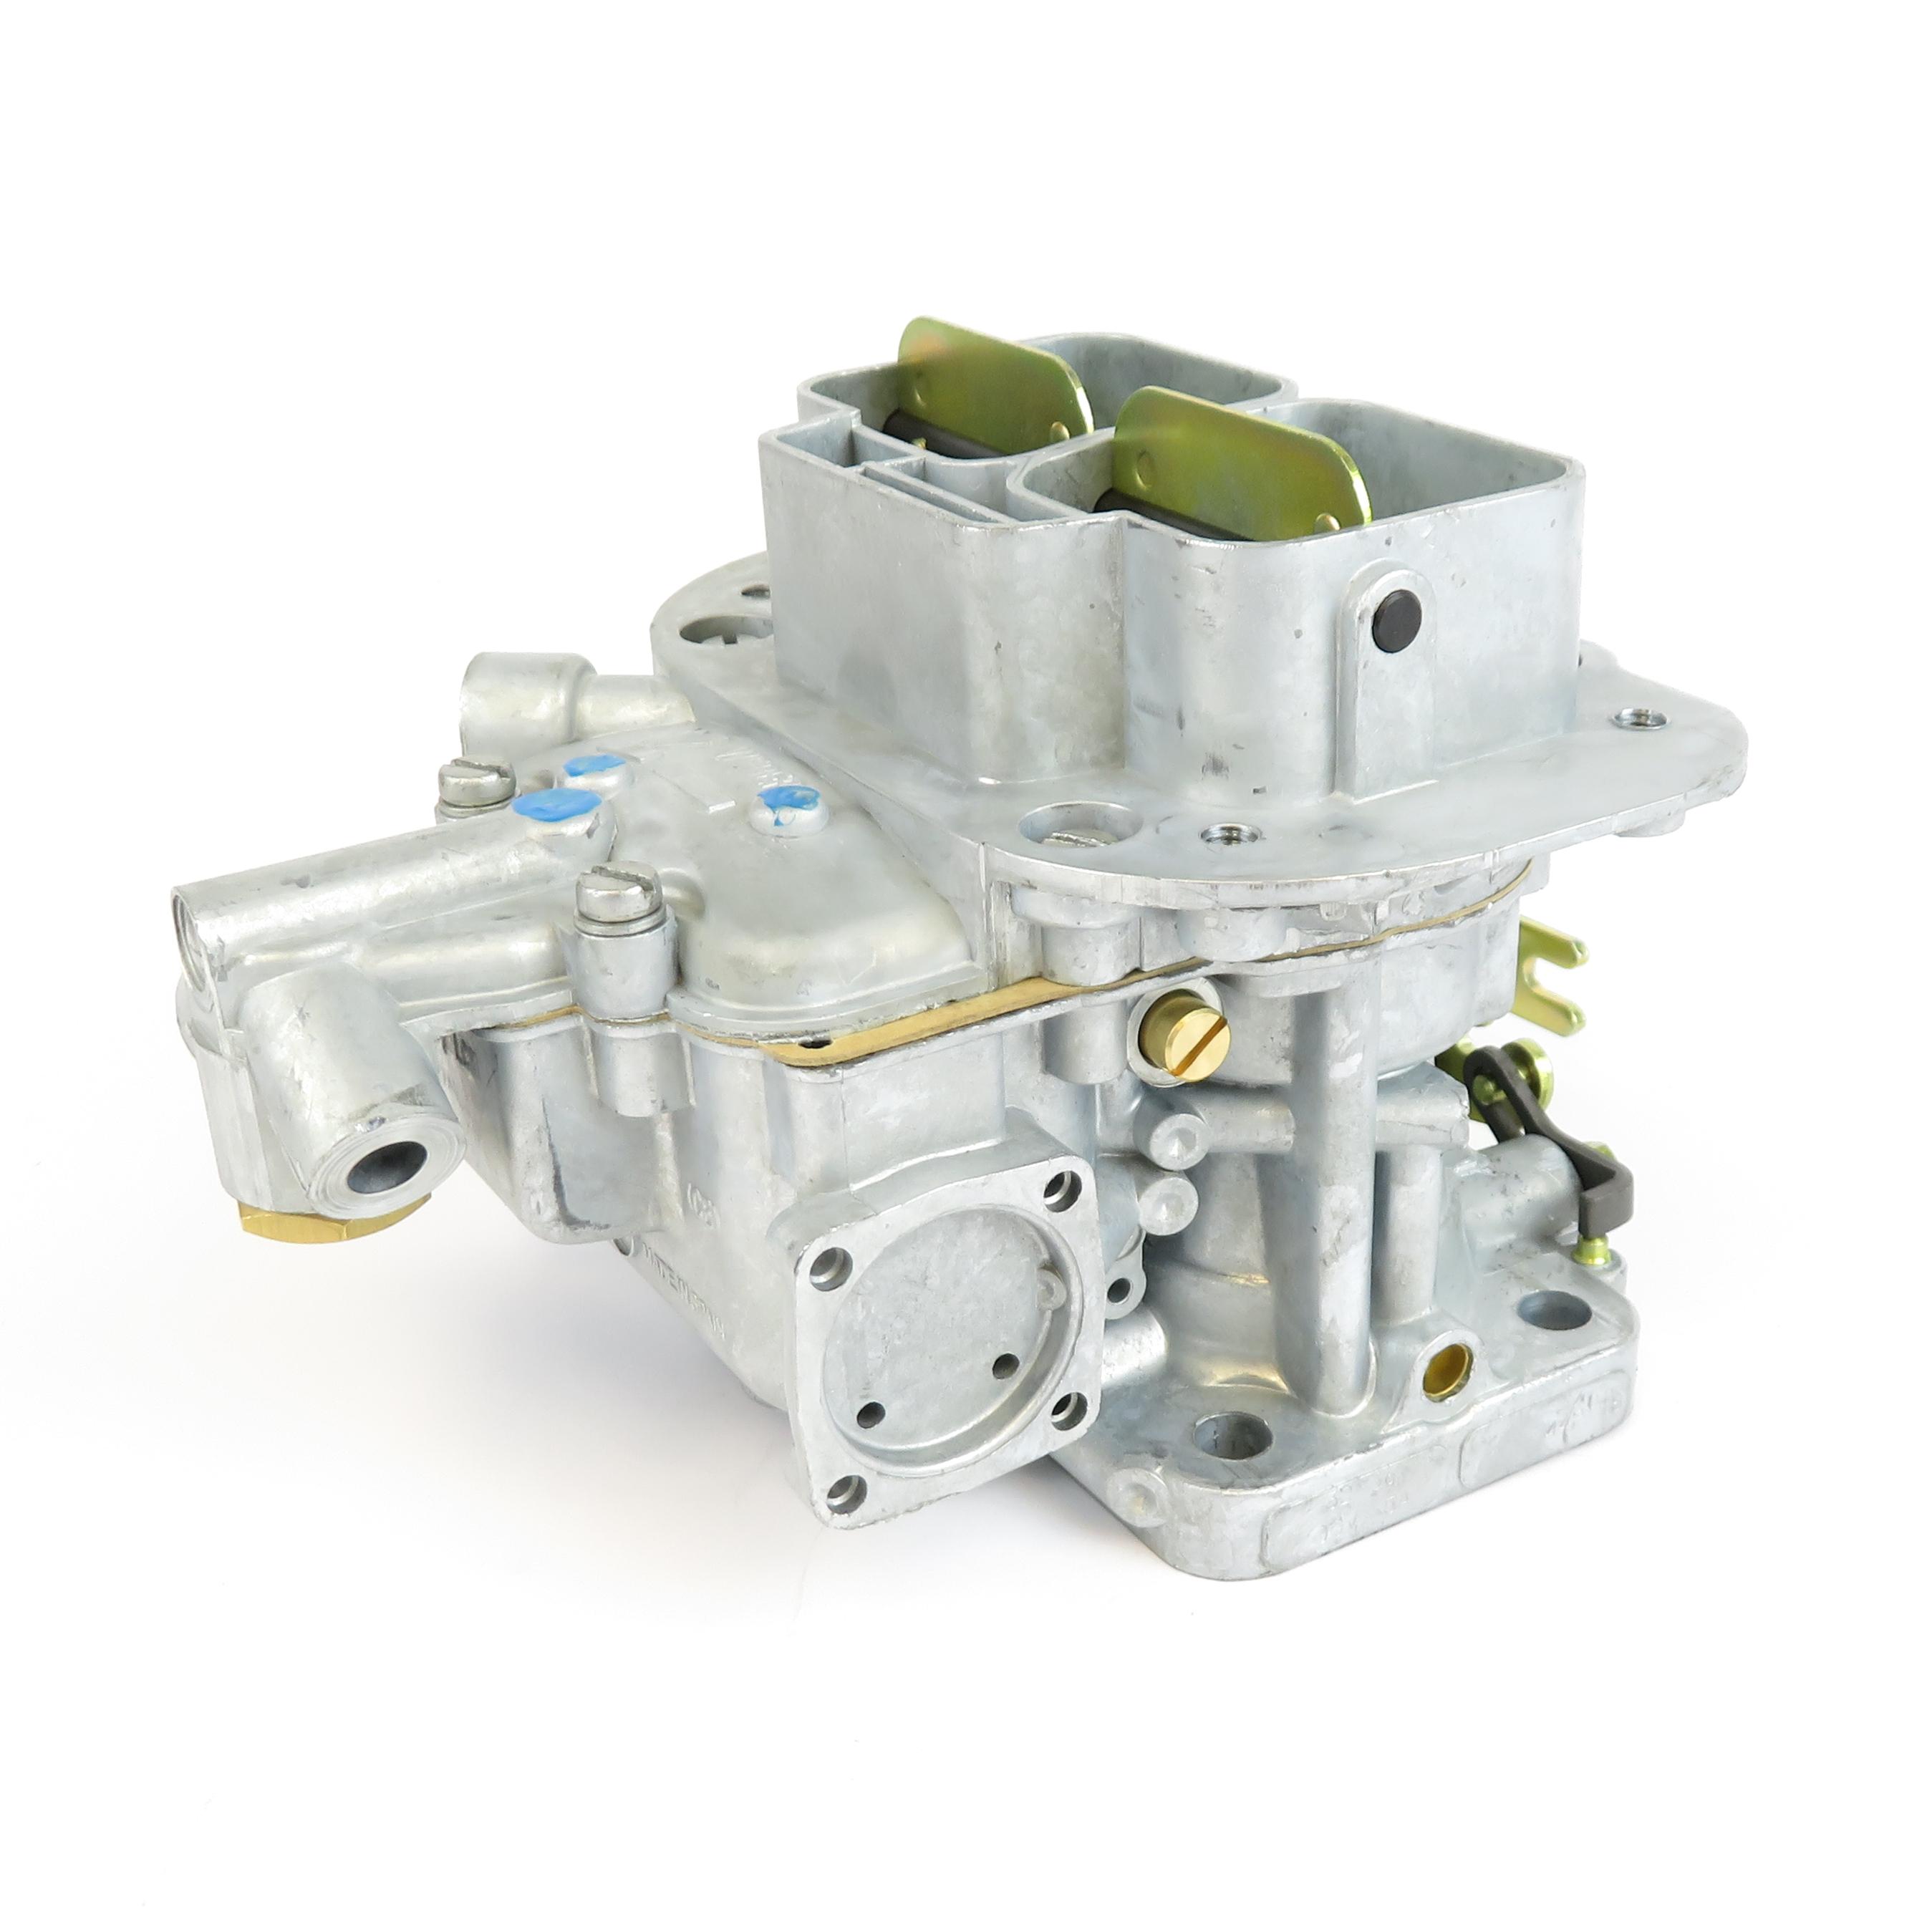 Base Gasket for Weber 32//36 DGV DGAV DGEV DGES DFV DFEV DFAV DCD Carburetor